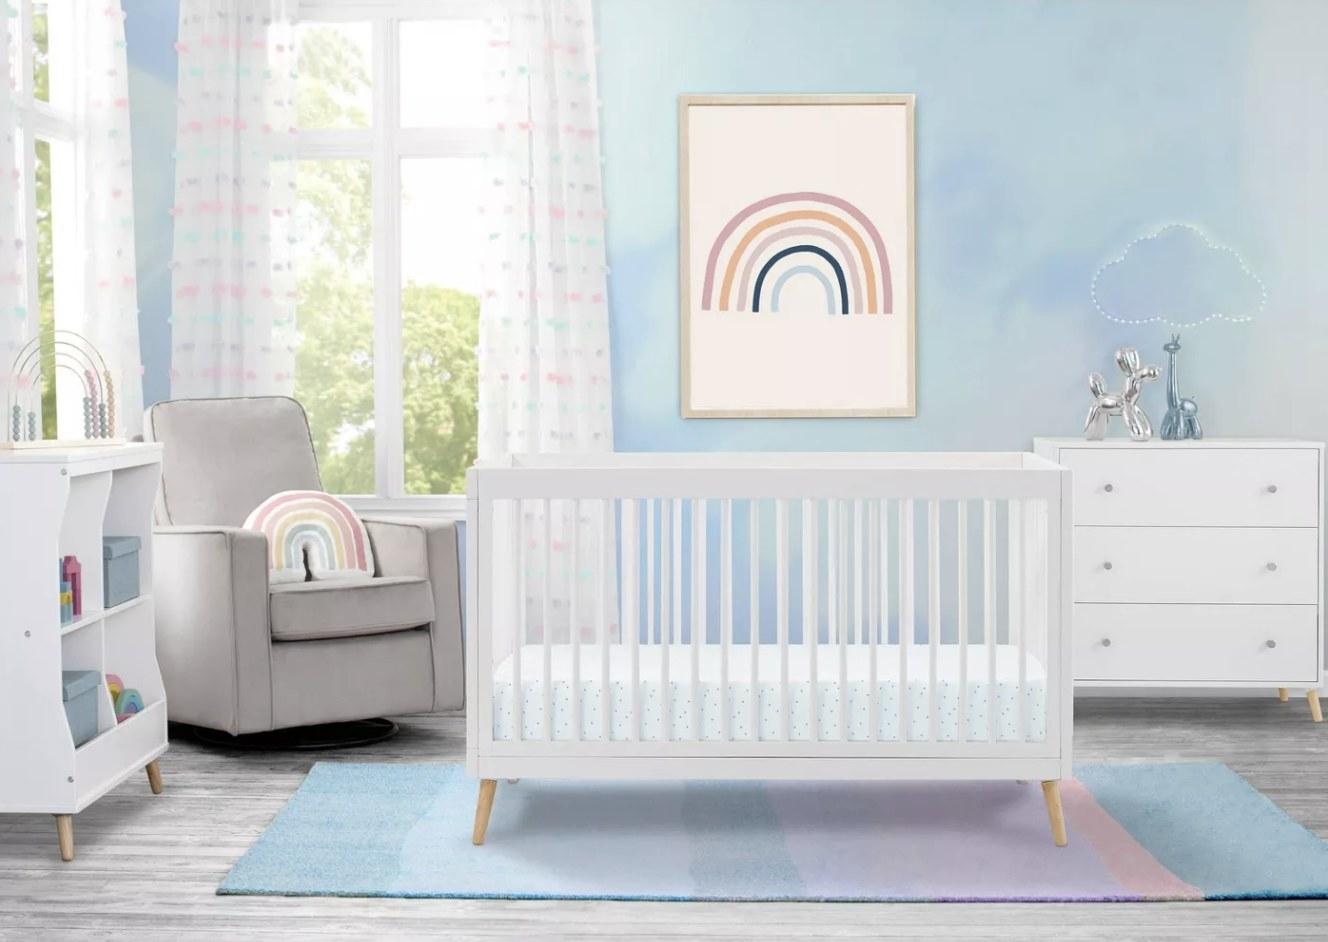 the white crib